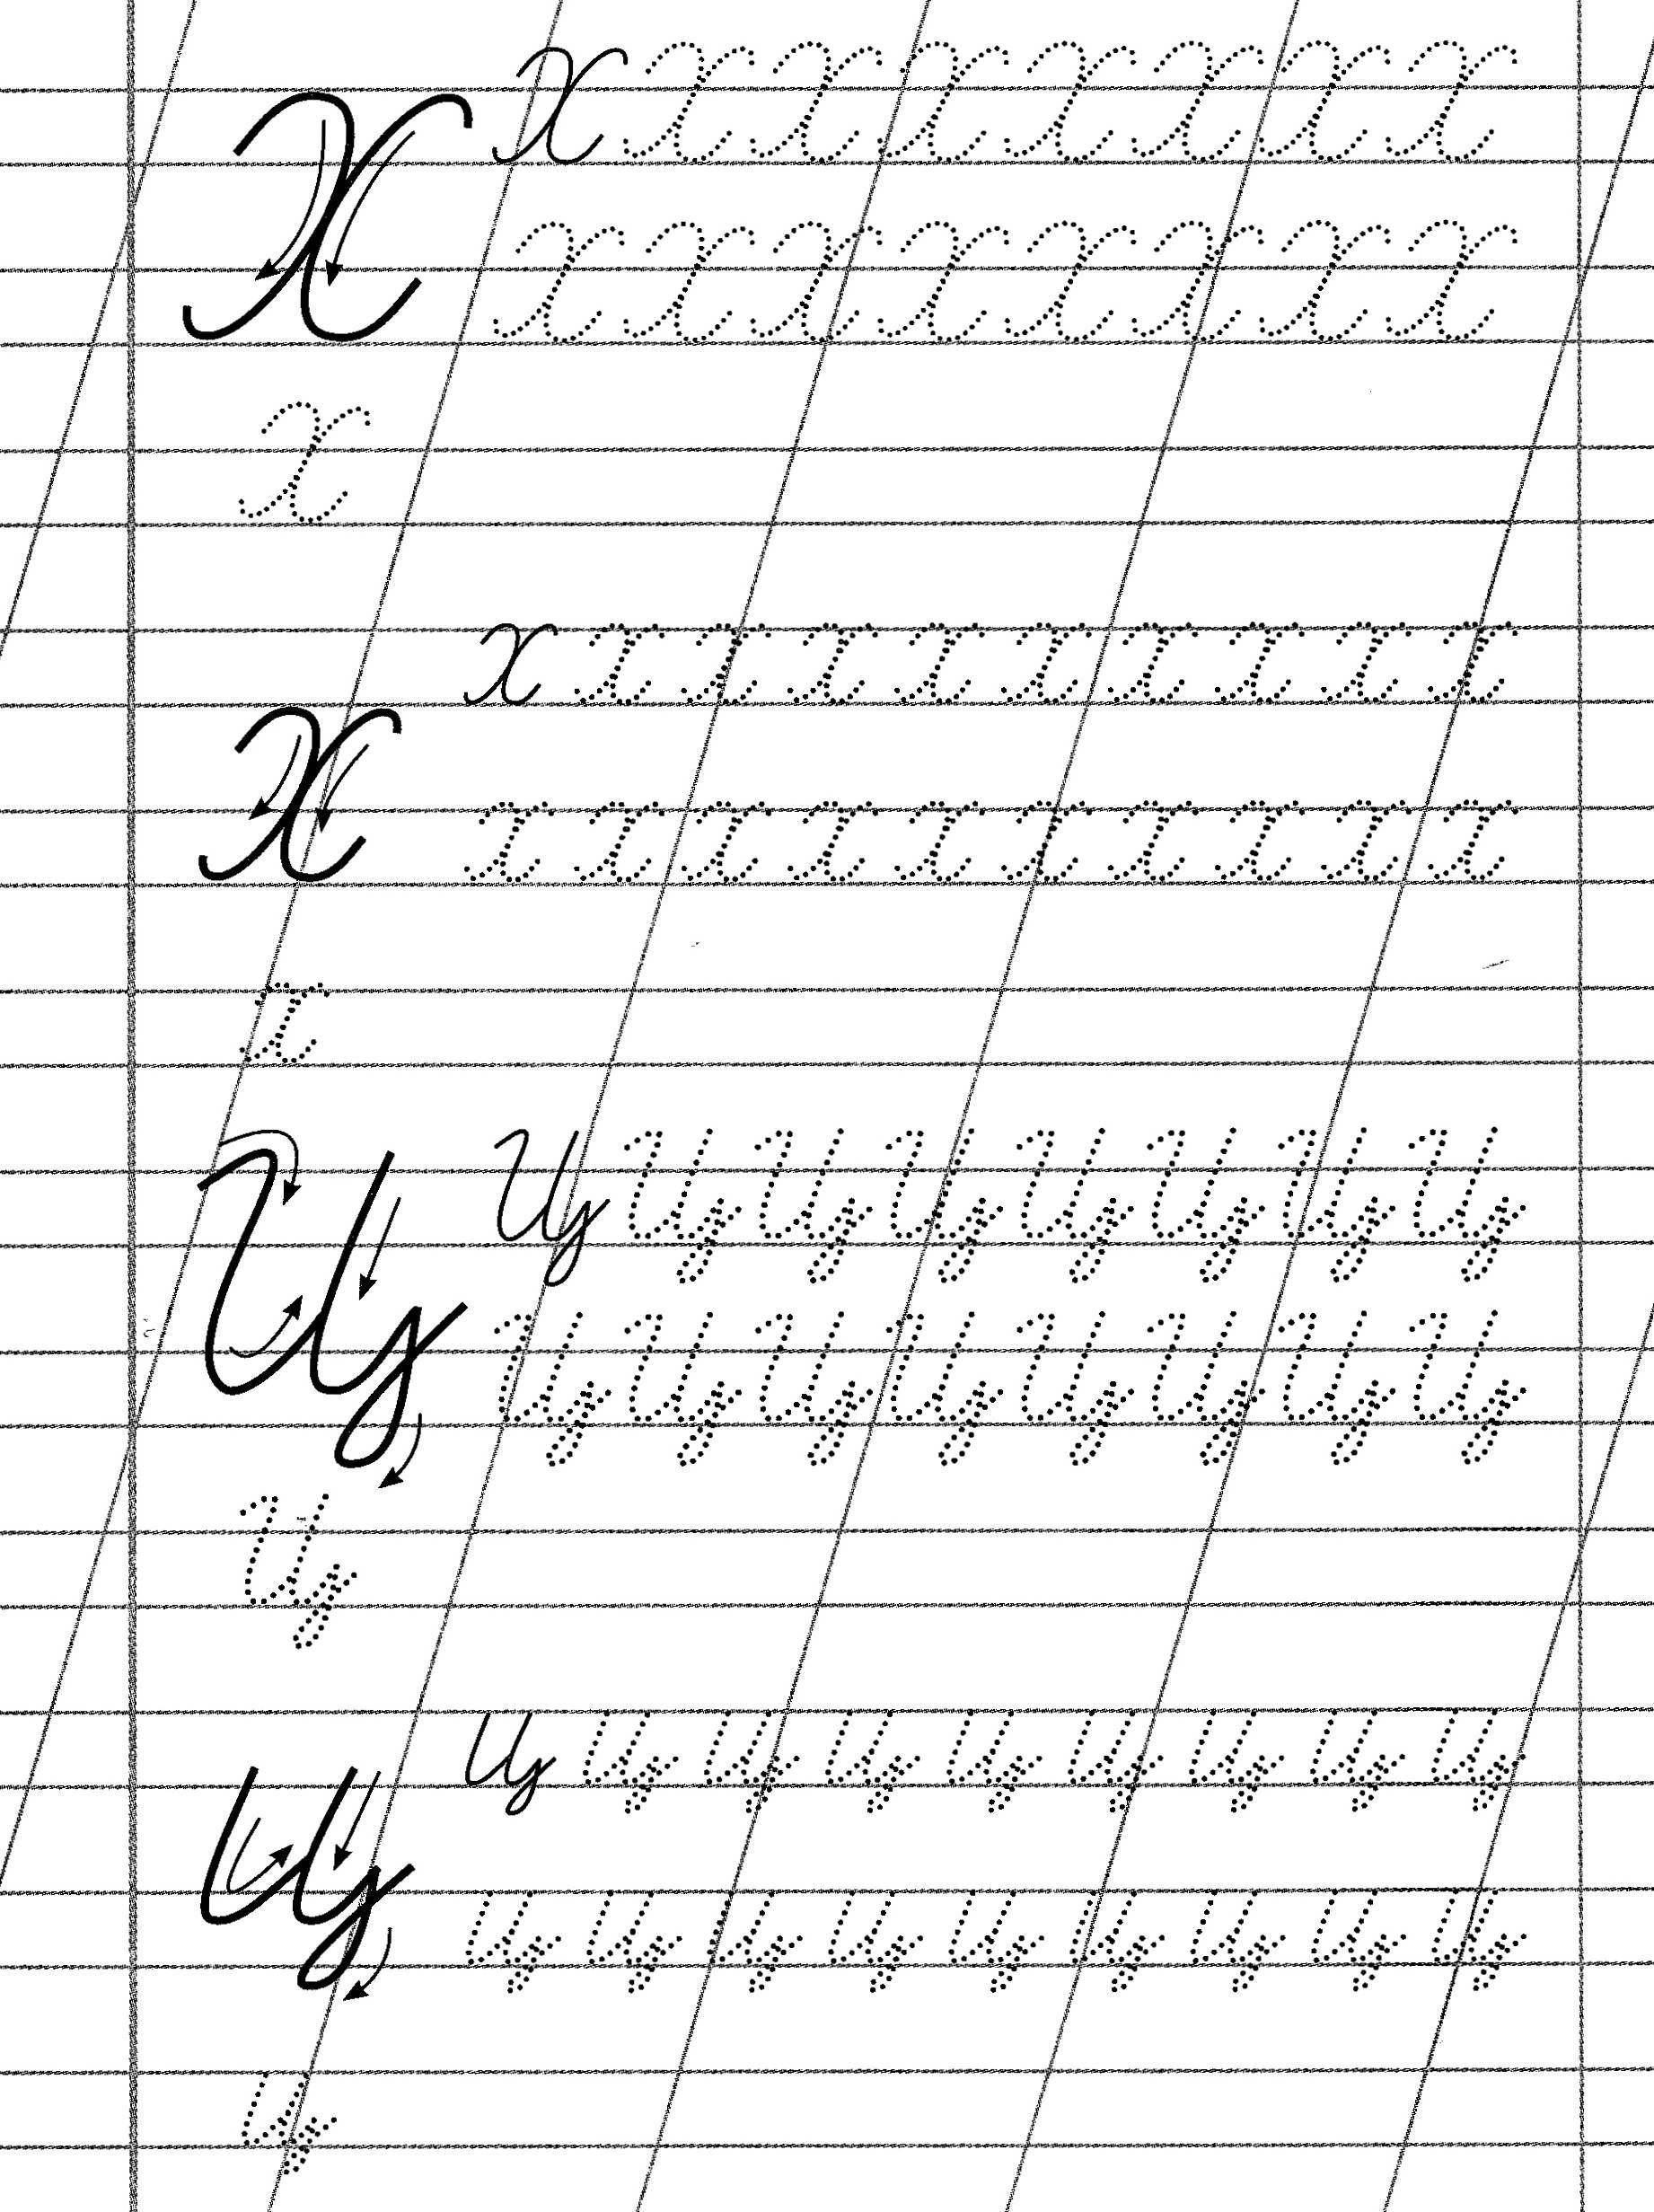 Propisi V Kosuyu Kh Ts 1 842 2 463